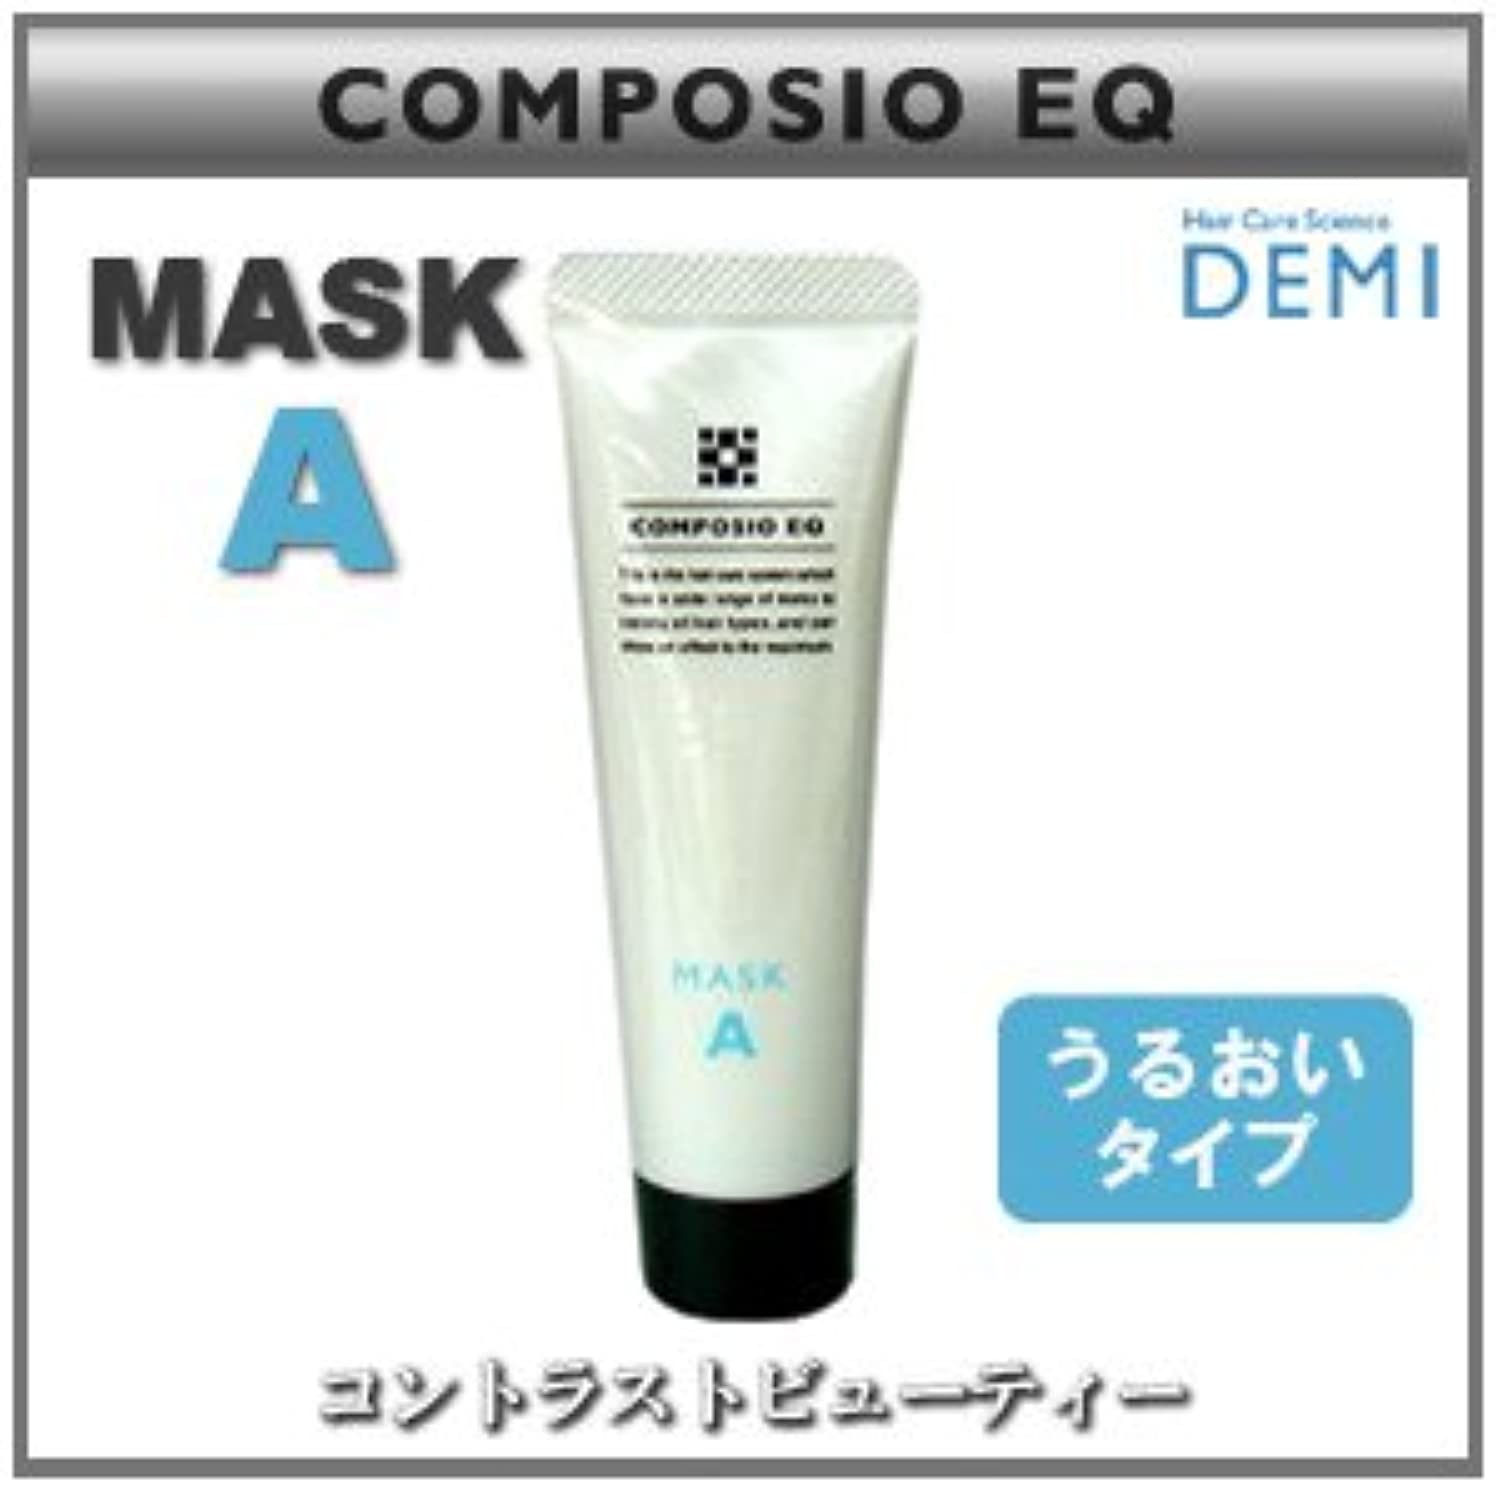 状態哺乳類いいね【X2個セット】 デミ コンポジオ EQ マスク A 50g